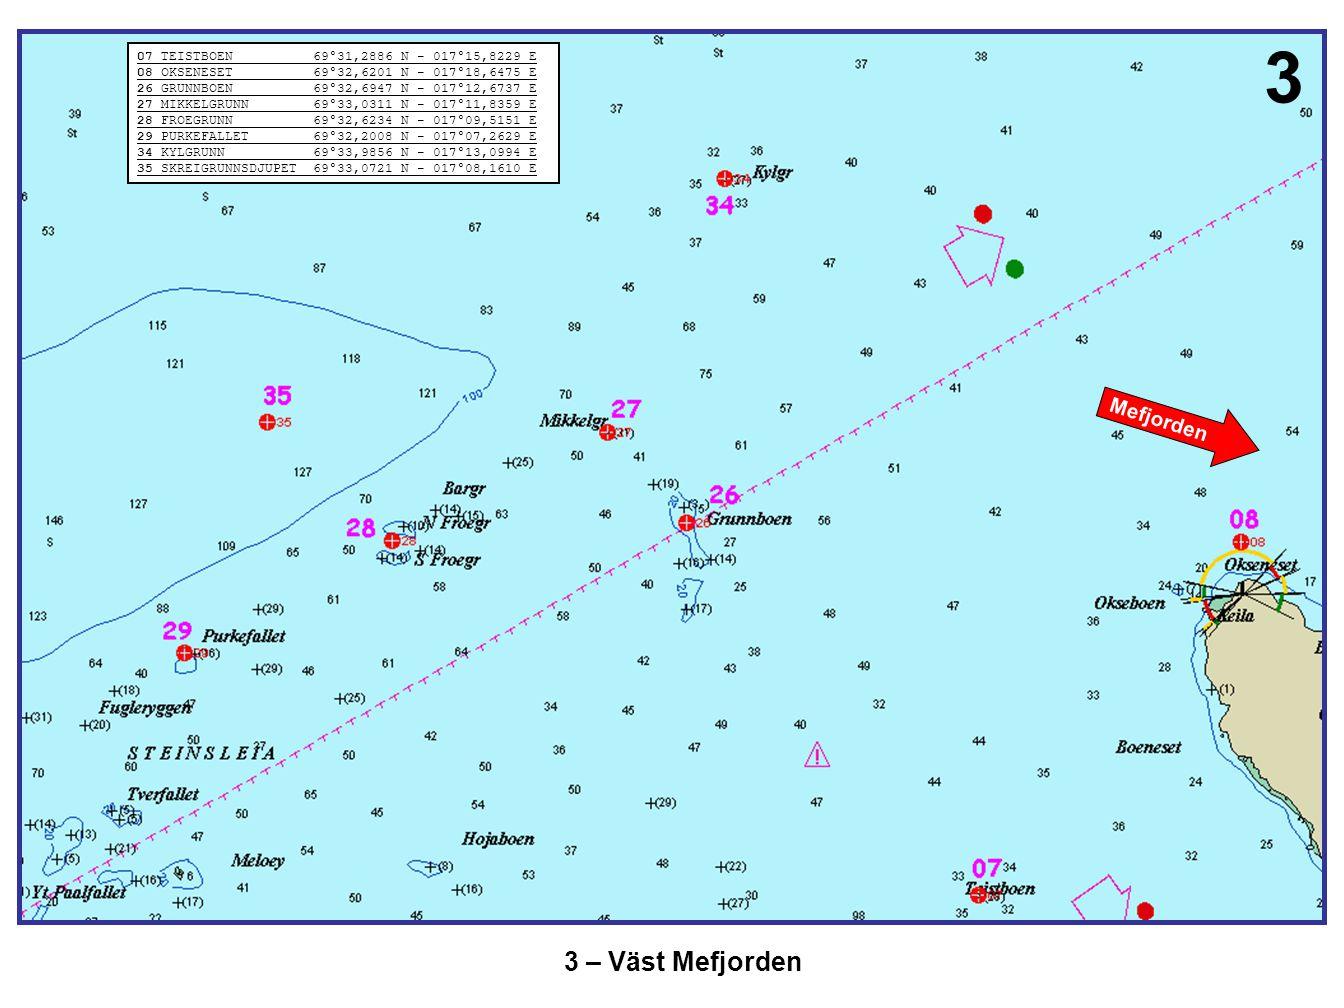 3 – Väst Mefjorden Mefjorden 07 TEISTBOEN 69°31,2886 N - 017°15,8229 E 08 OKSENESET 69°32,6201 N - 017°18,6475 E 26 GRUNNBOEN 69°32,6947 N - 017°12,67